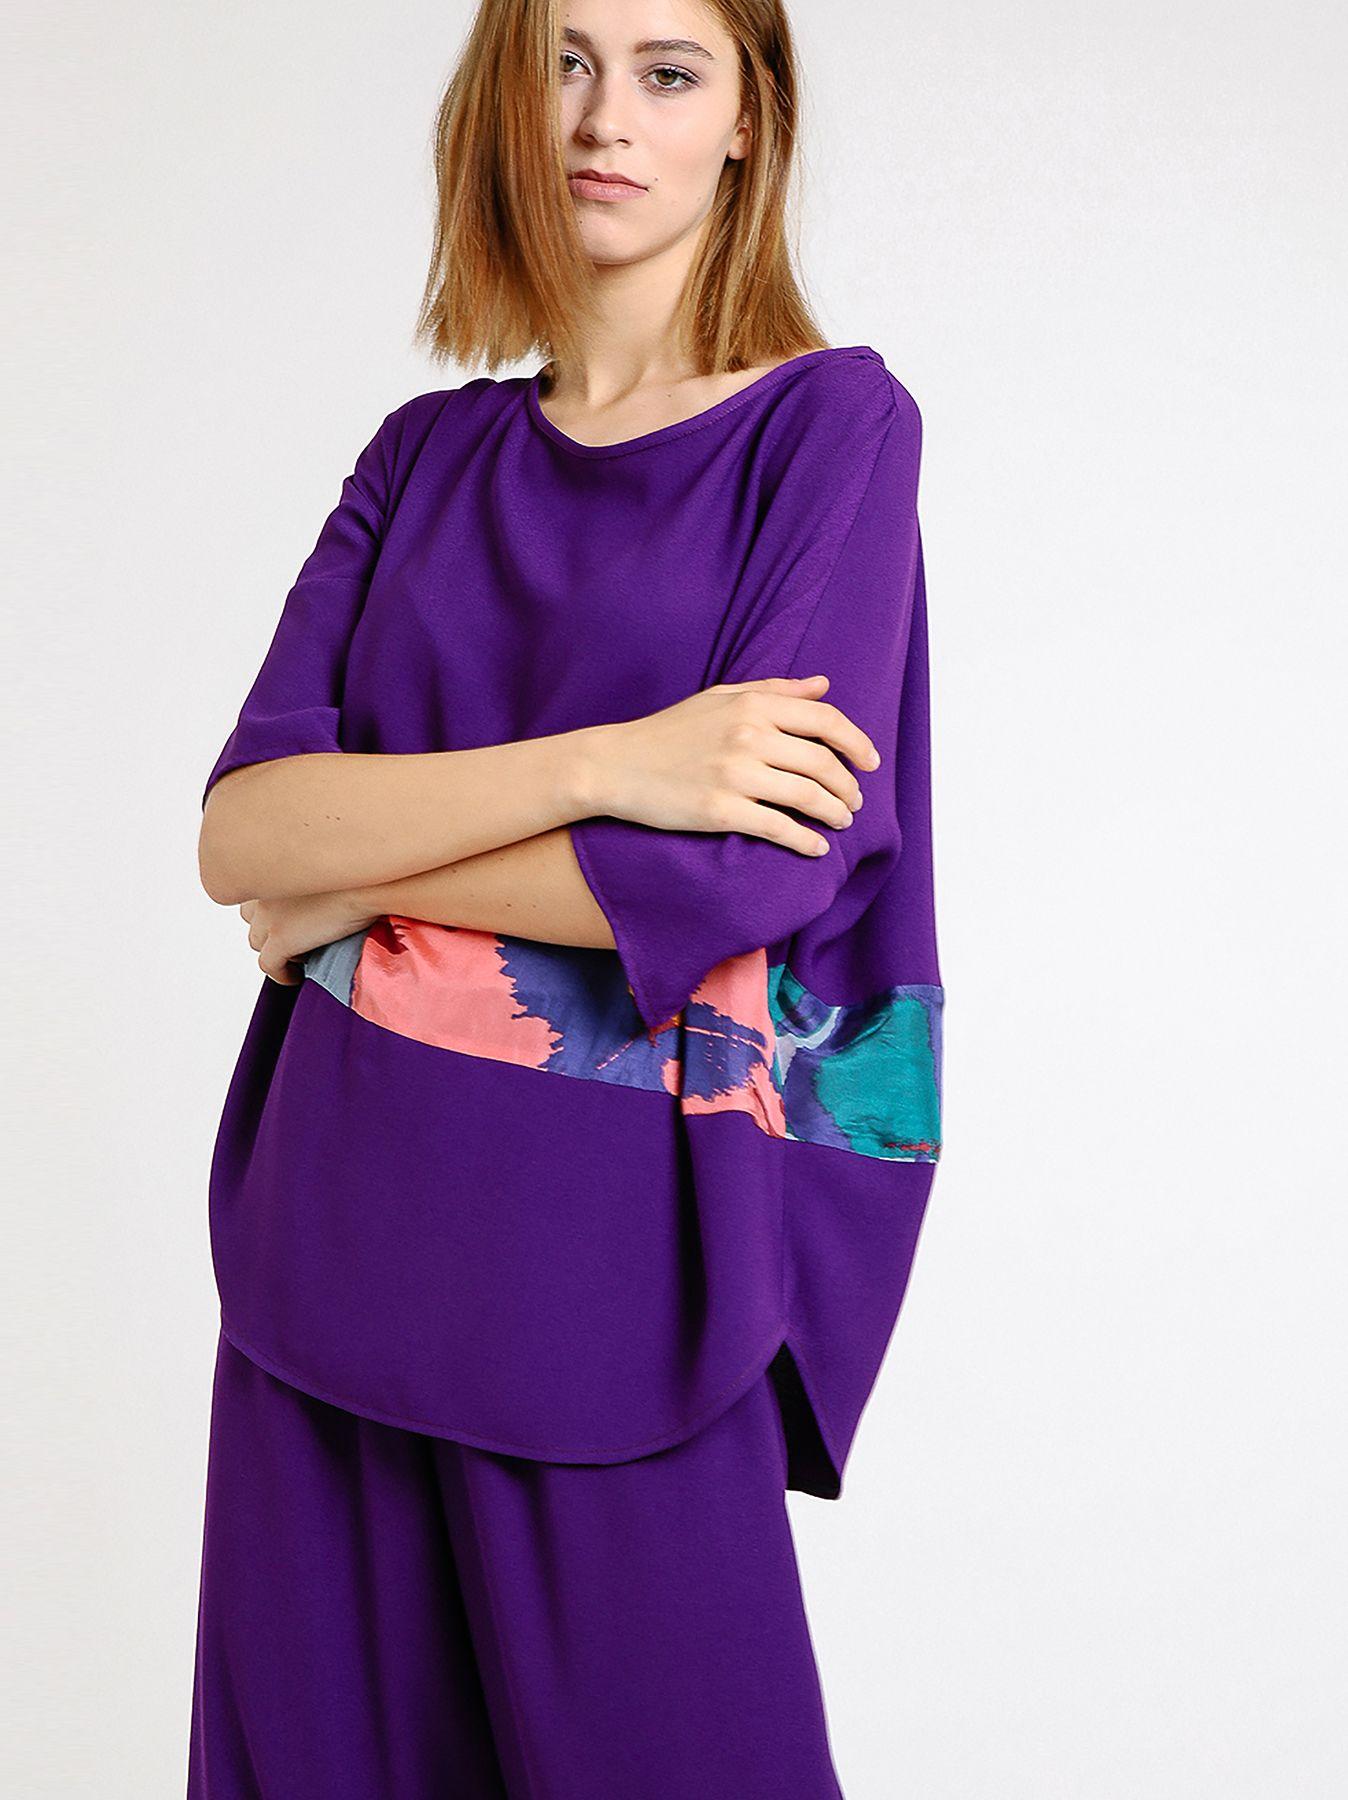 T-shirt ovetto con inserto in seta